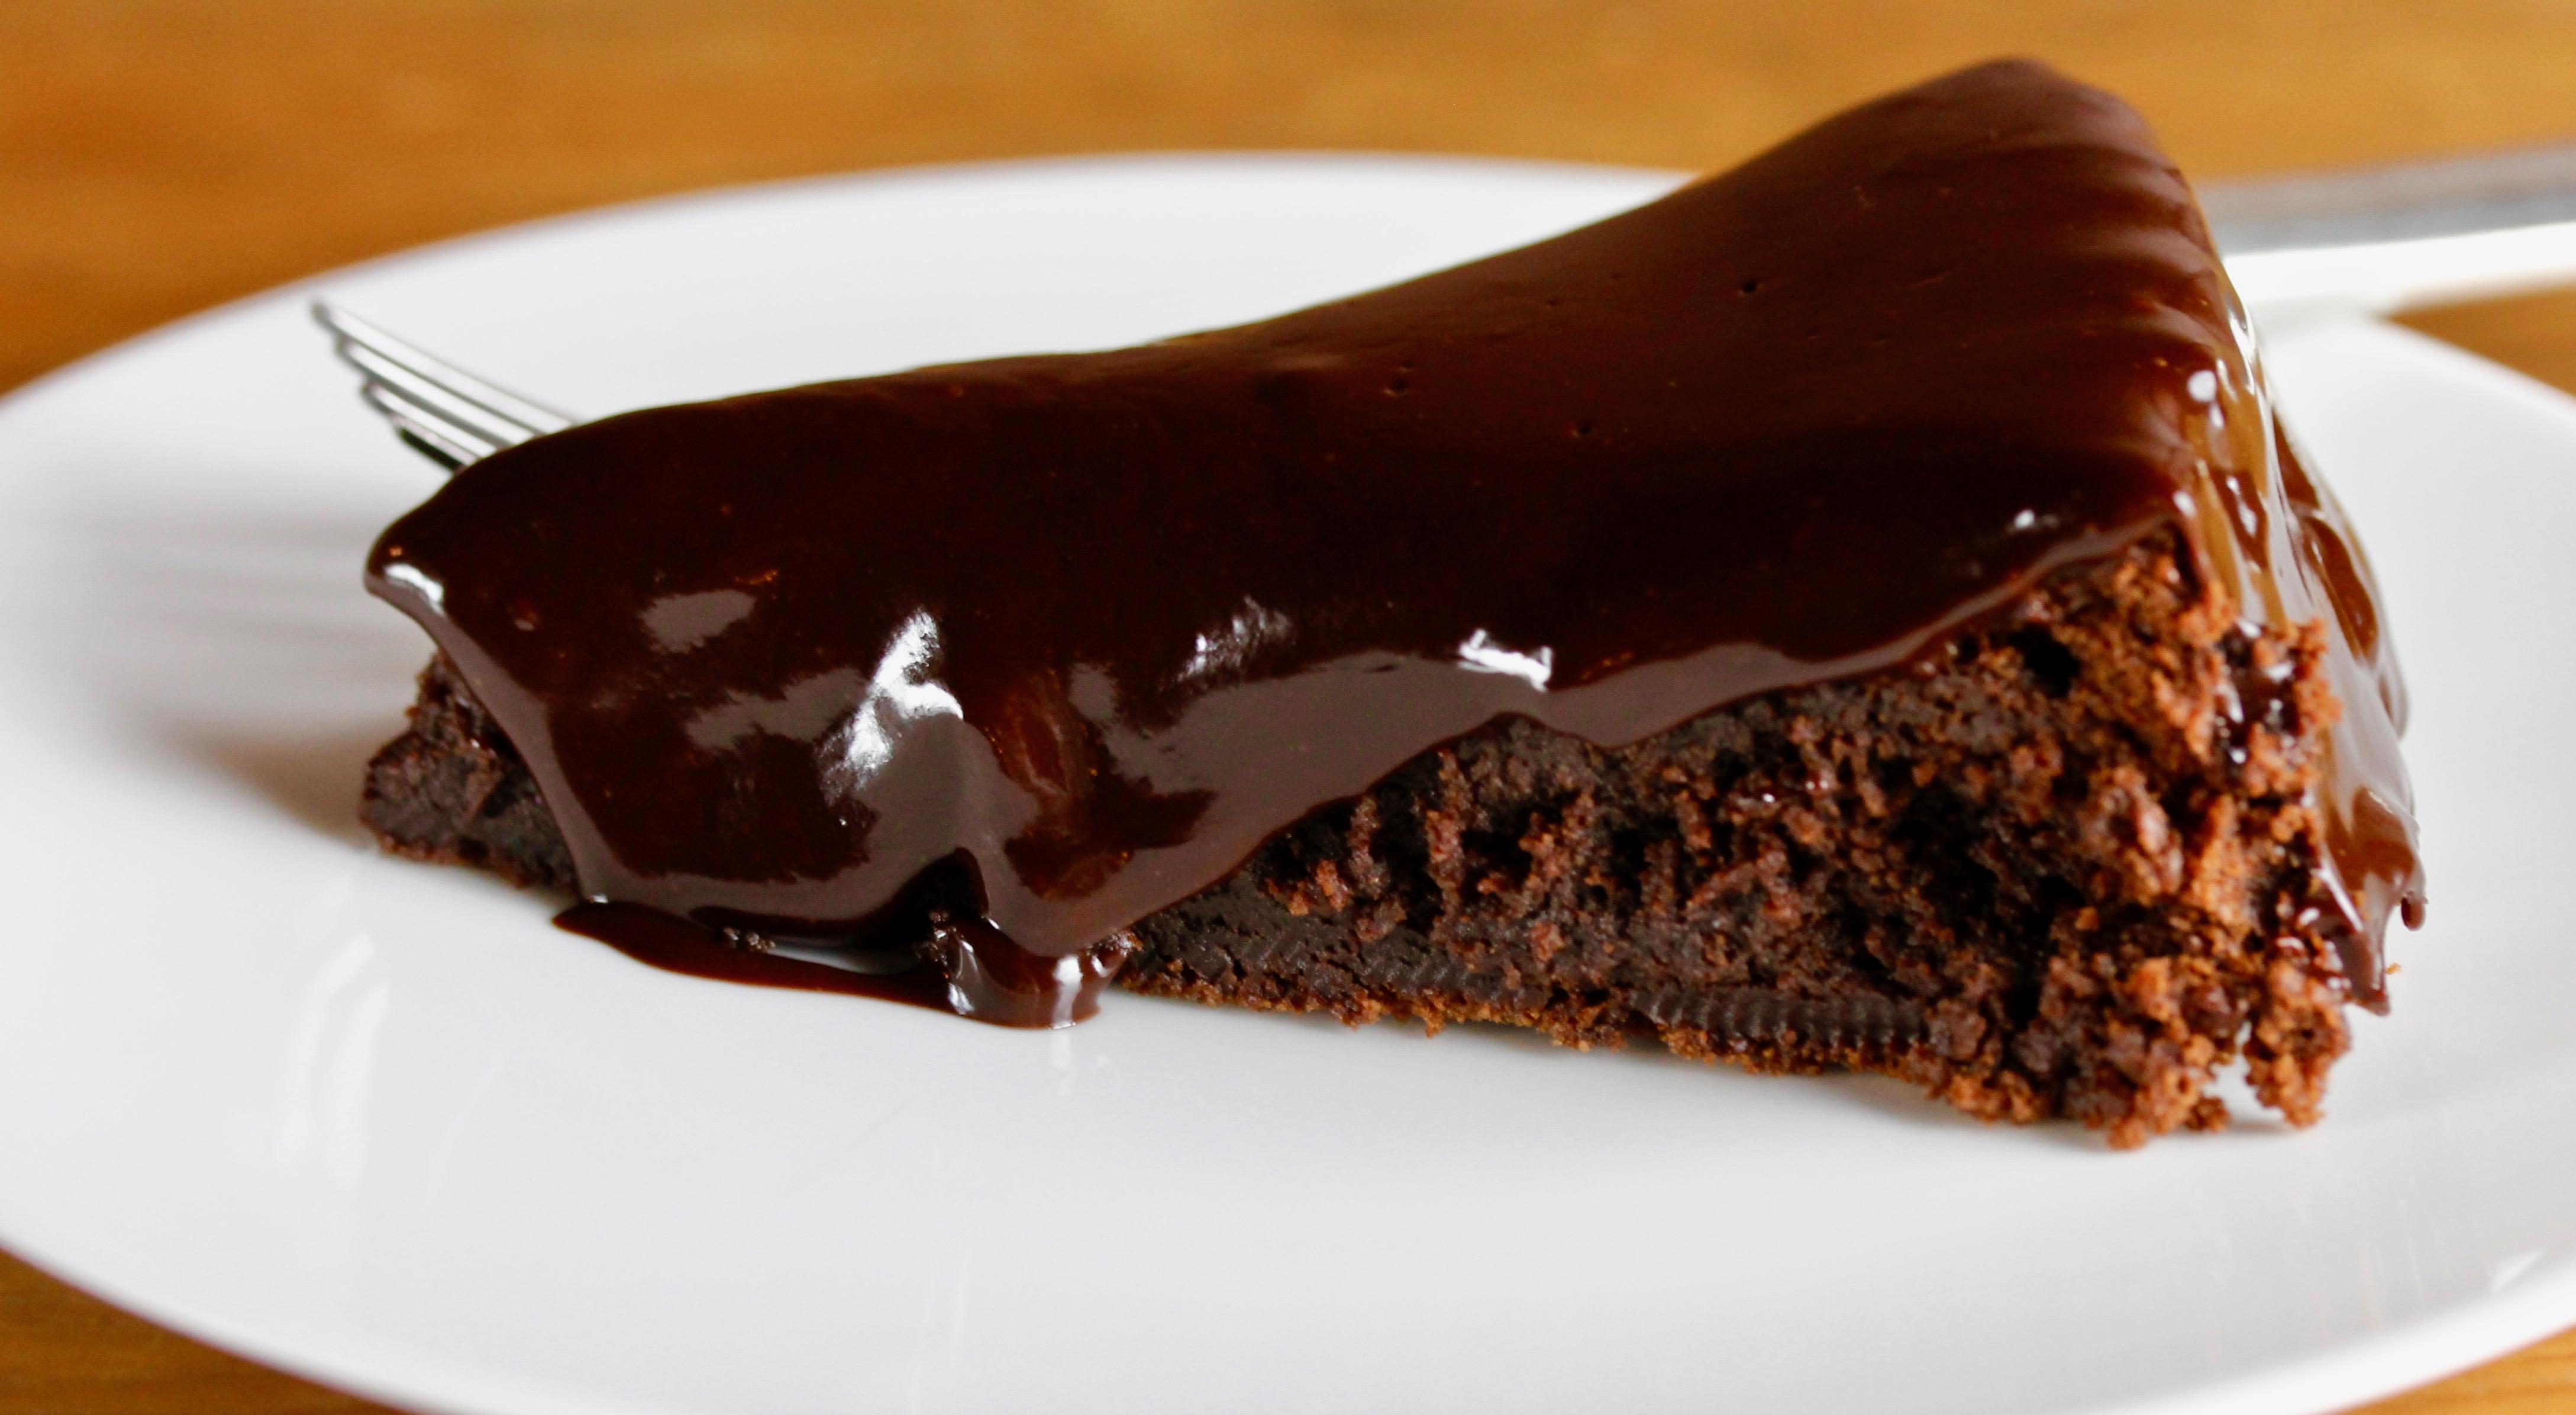 Red Wine Glaze on a Dark Chocolate Cake